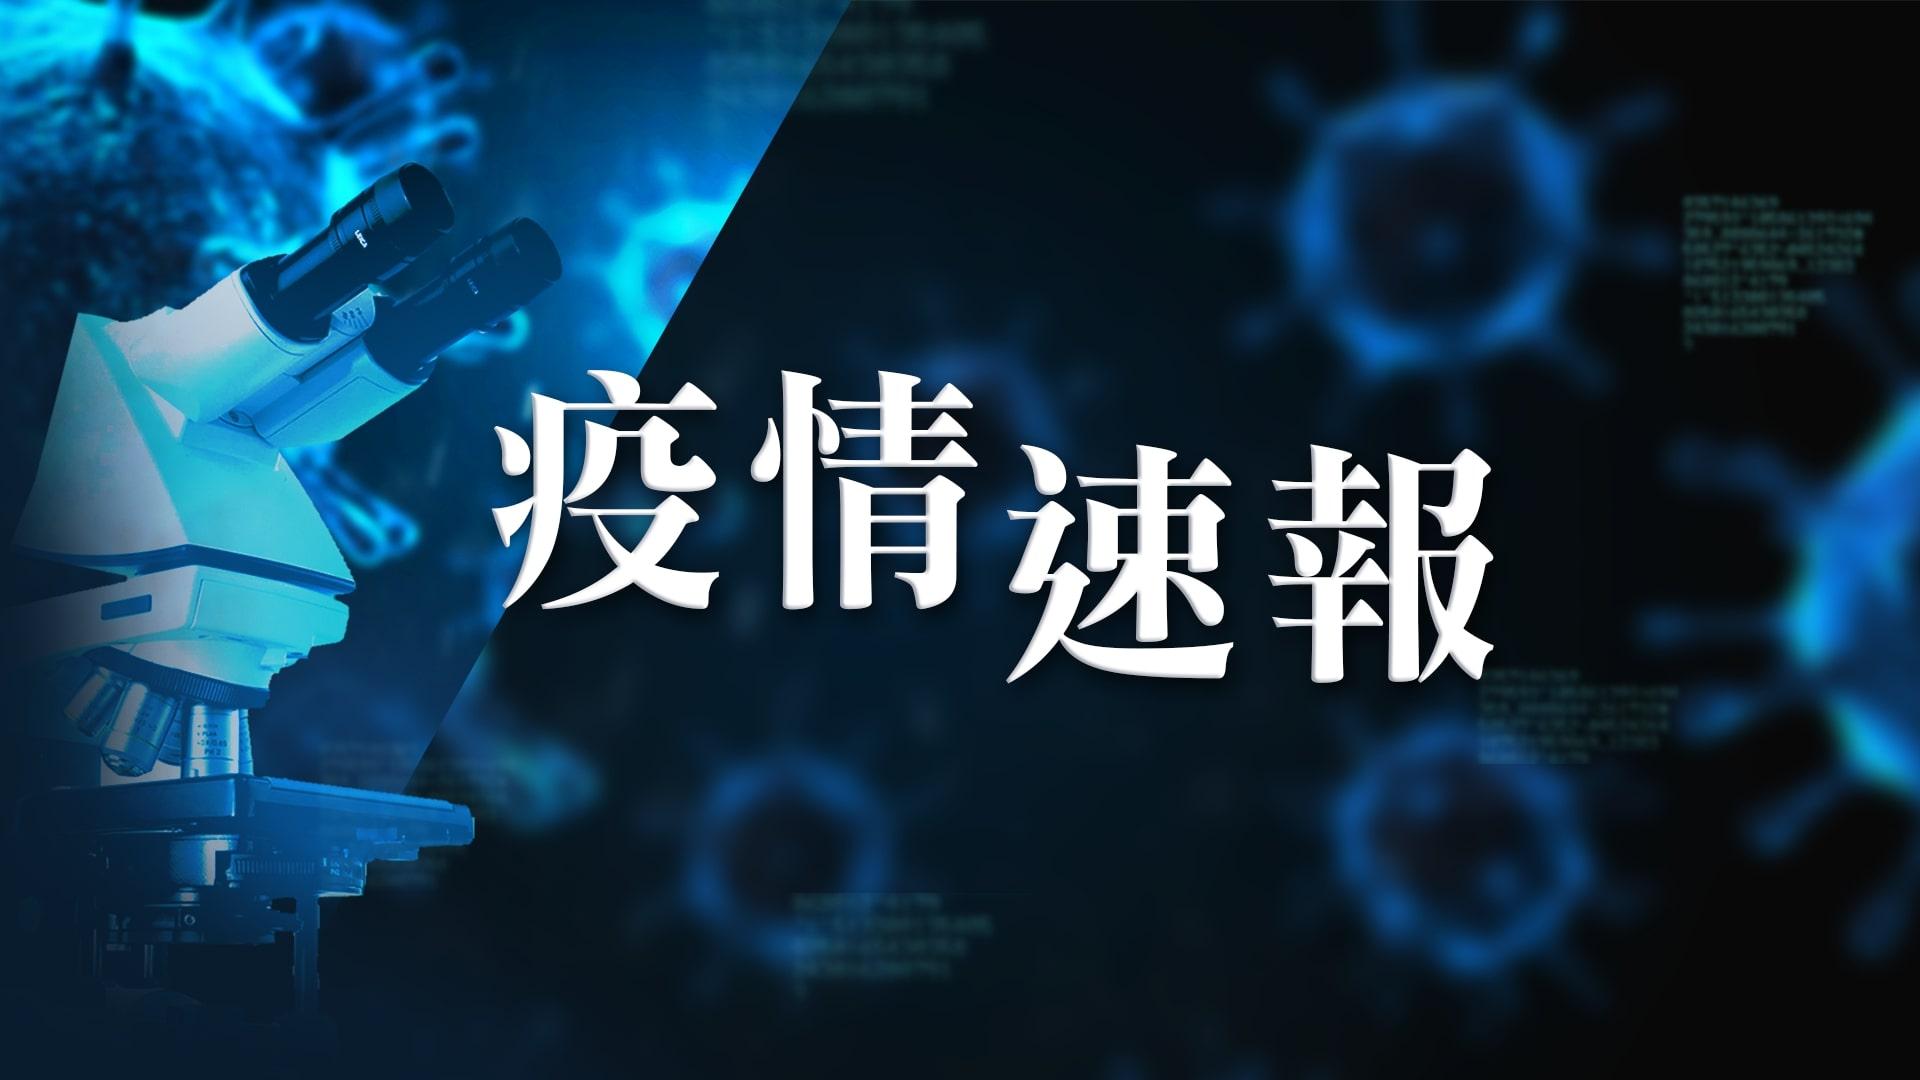 【6月22日疫情速報】(21:40)